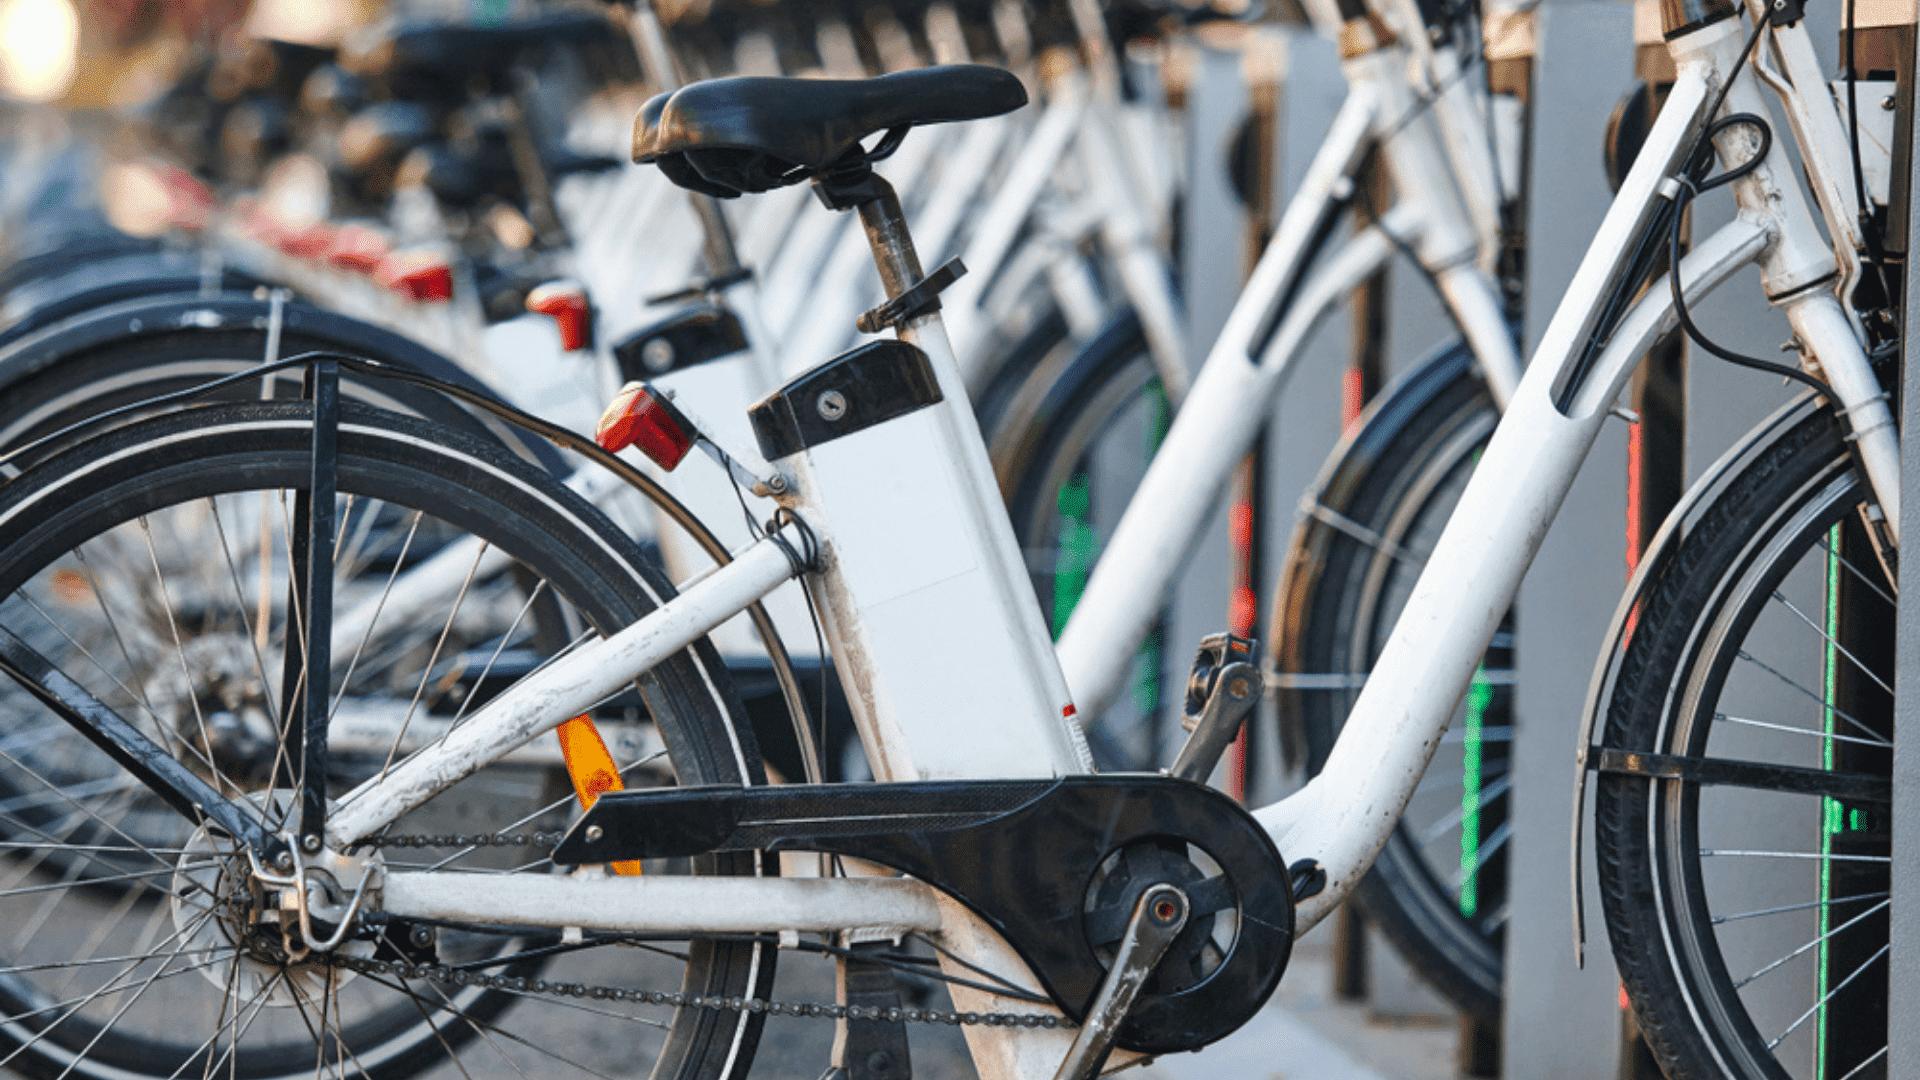 Veja a nossa seleção das melhores bicicletas elétricas de 2021! (Imagem: Reprodução/Shutterstock)